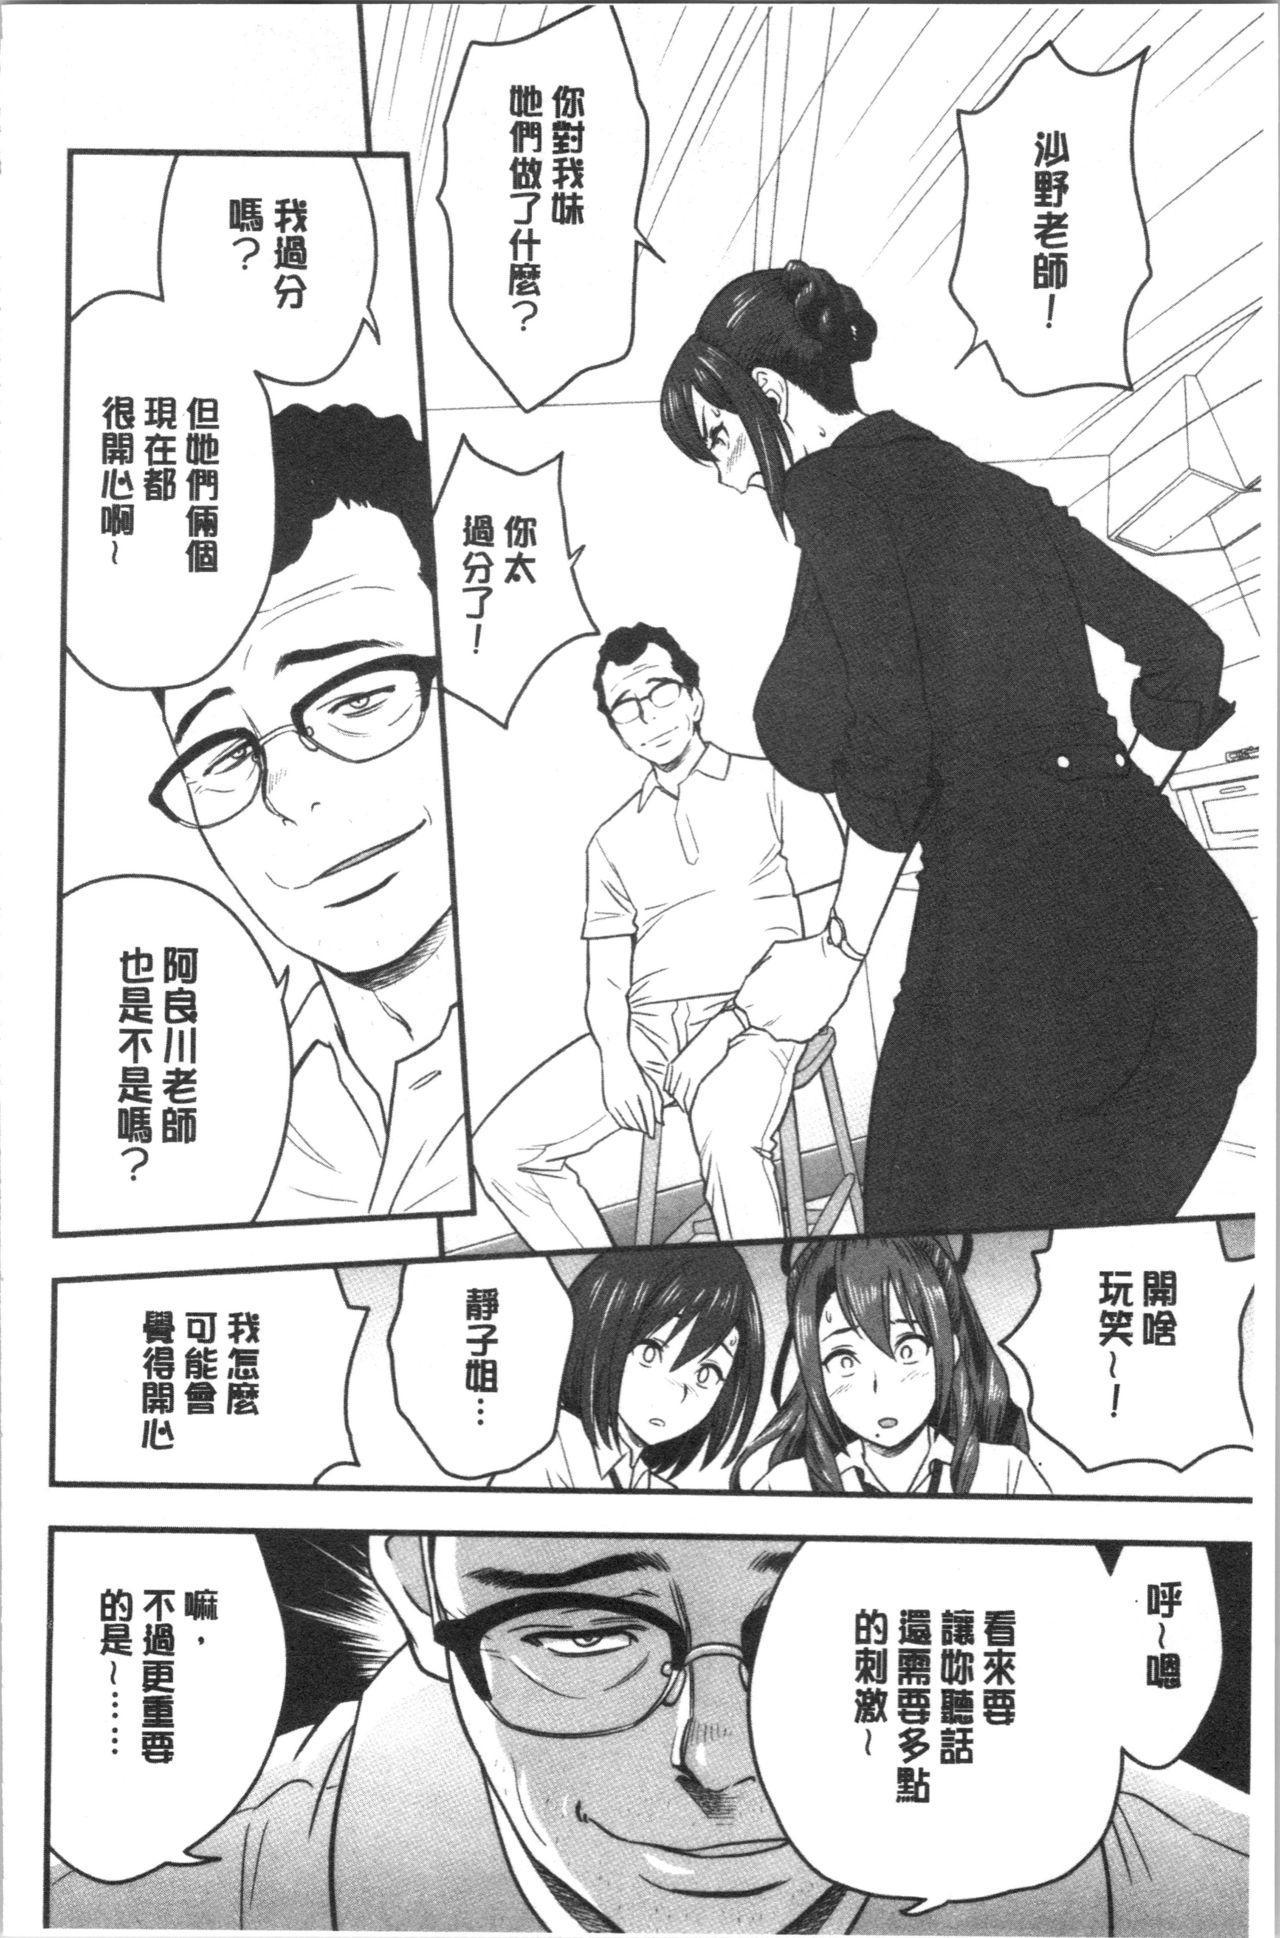 [Tatsunami Youtoku] Dankon Sousai -Hitozuma Kyoushi ga Netorareru made no Kiroku- | 男根想妻 -人妻女教師被寢取偷吃為止的記錄- [Chinese] 170